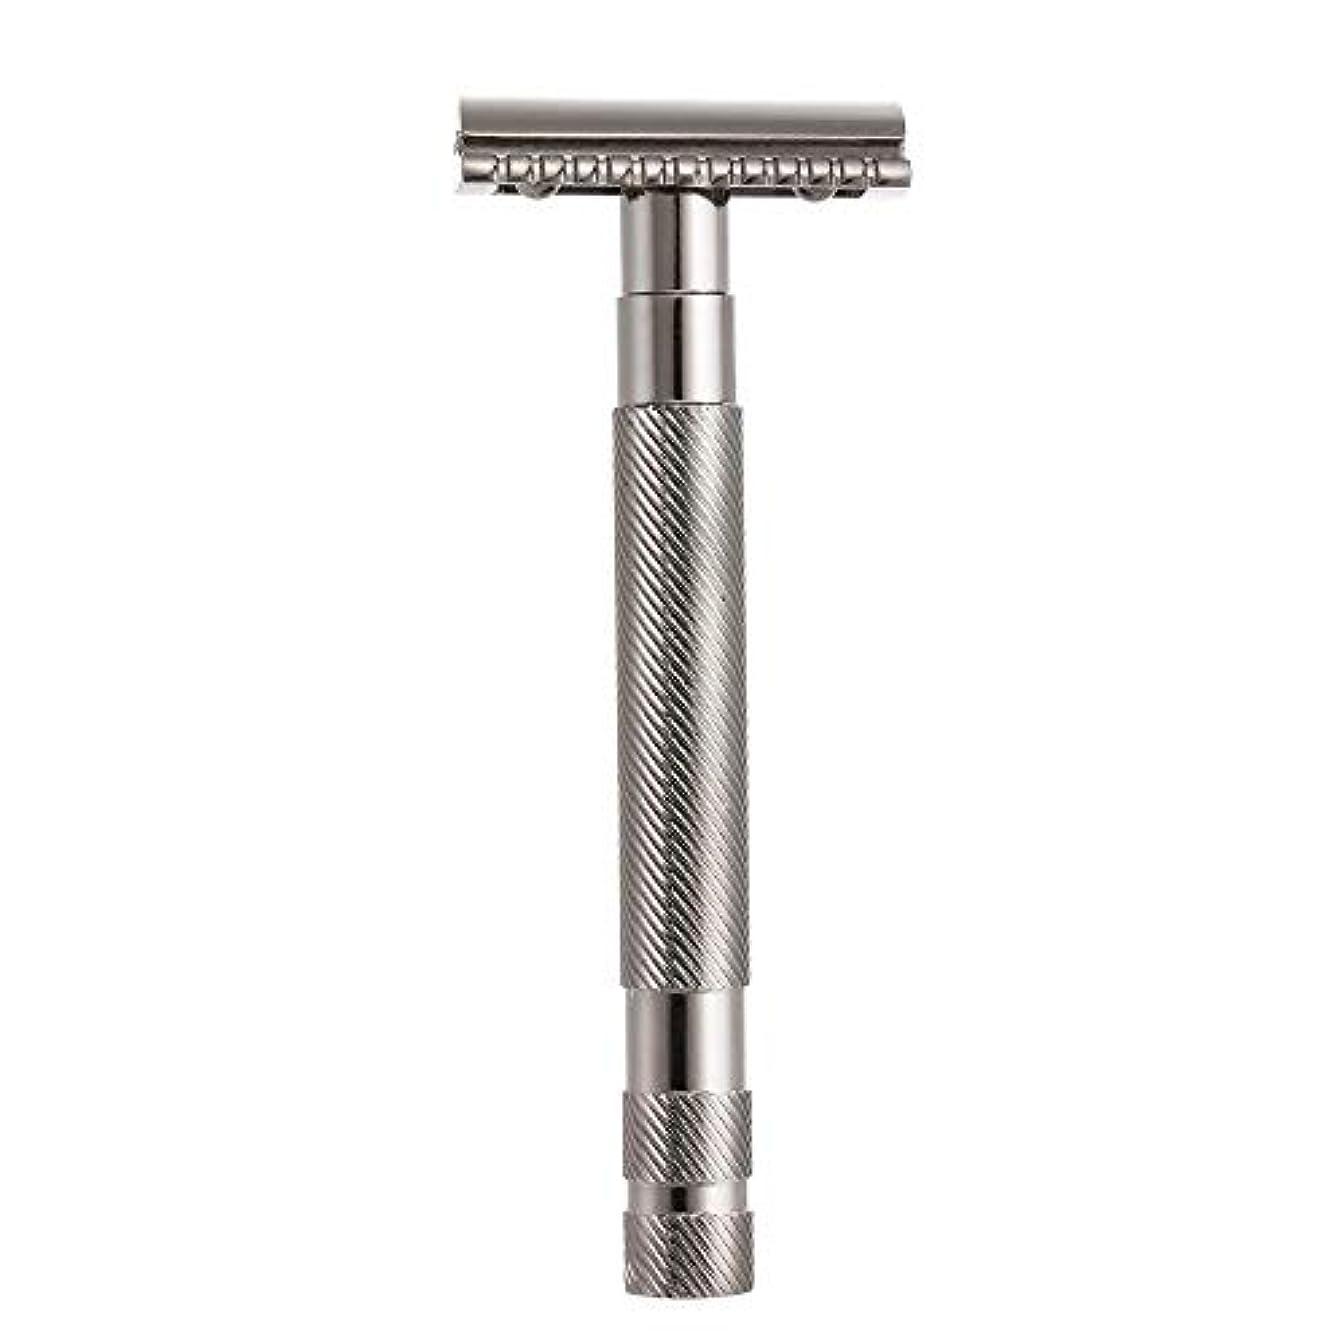 急勾配の不適切なまぶしさDecdeal 安全 ダブル カミソリ 髭剃り 男性 シェービングツール